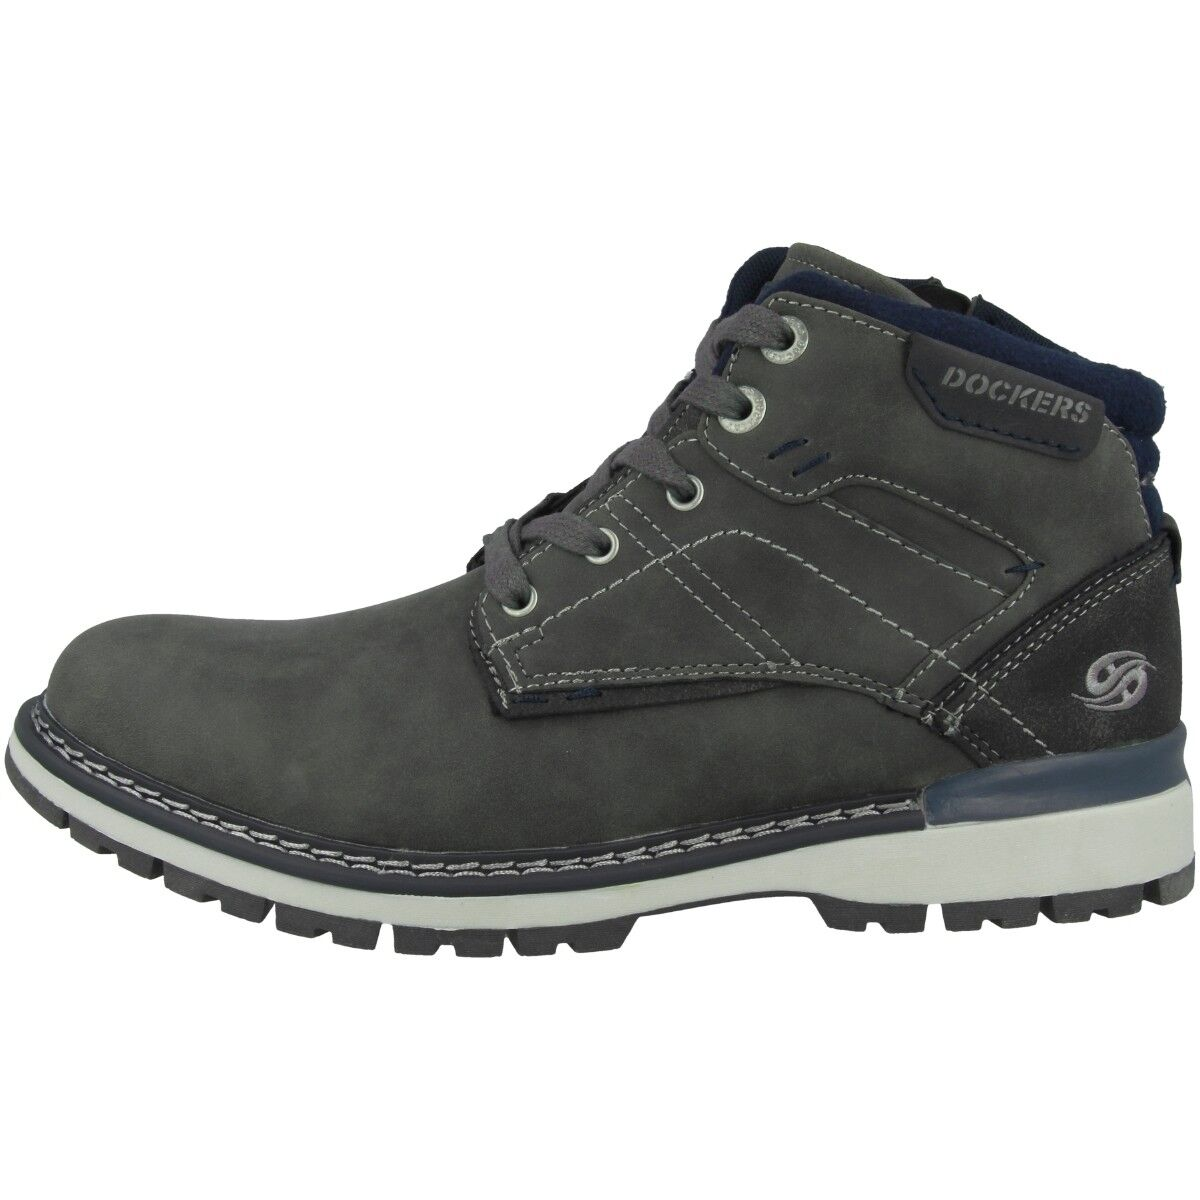 Dockers by Gerli 43ad001 zapatos caballero botas botín con cordones 43ad001-650220